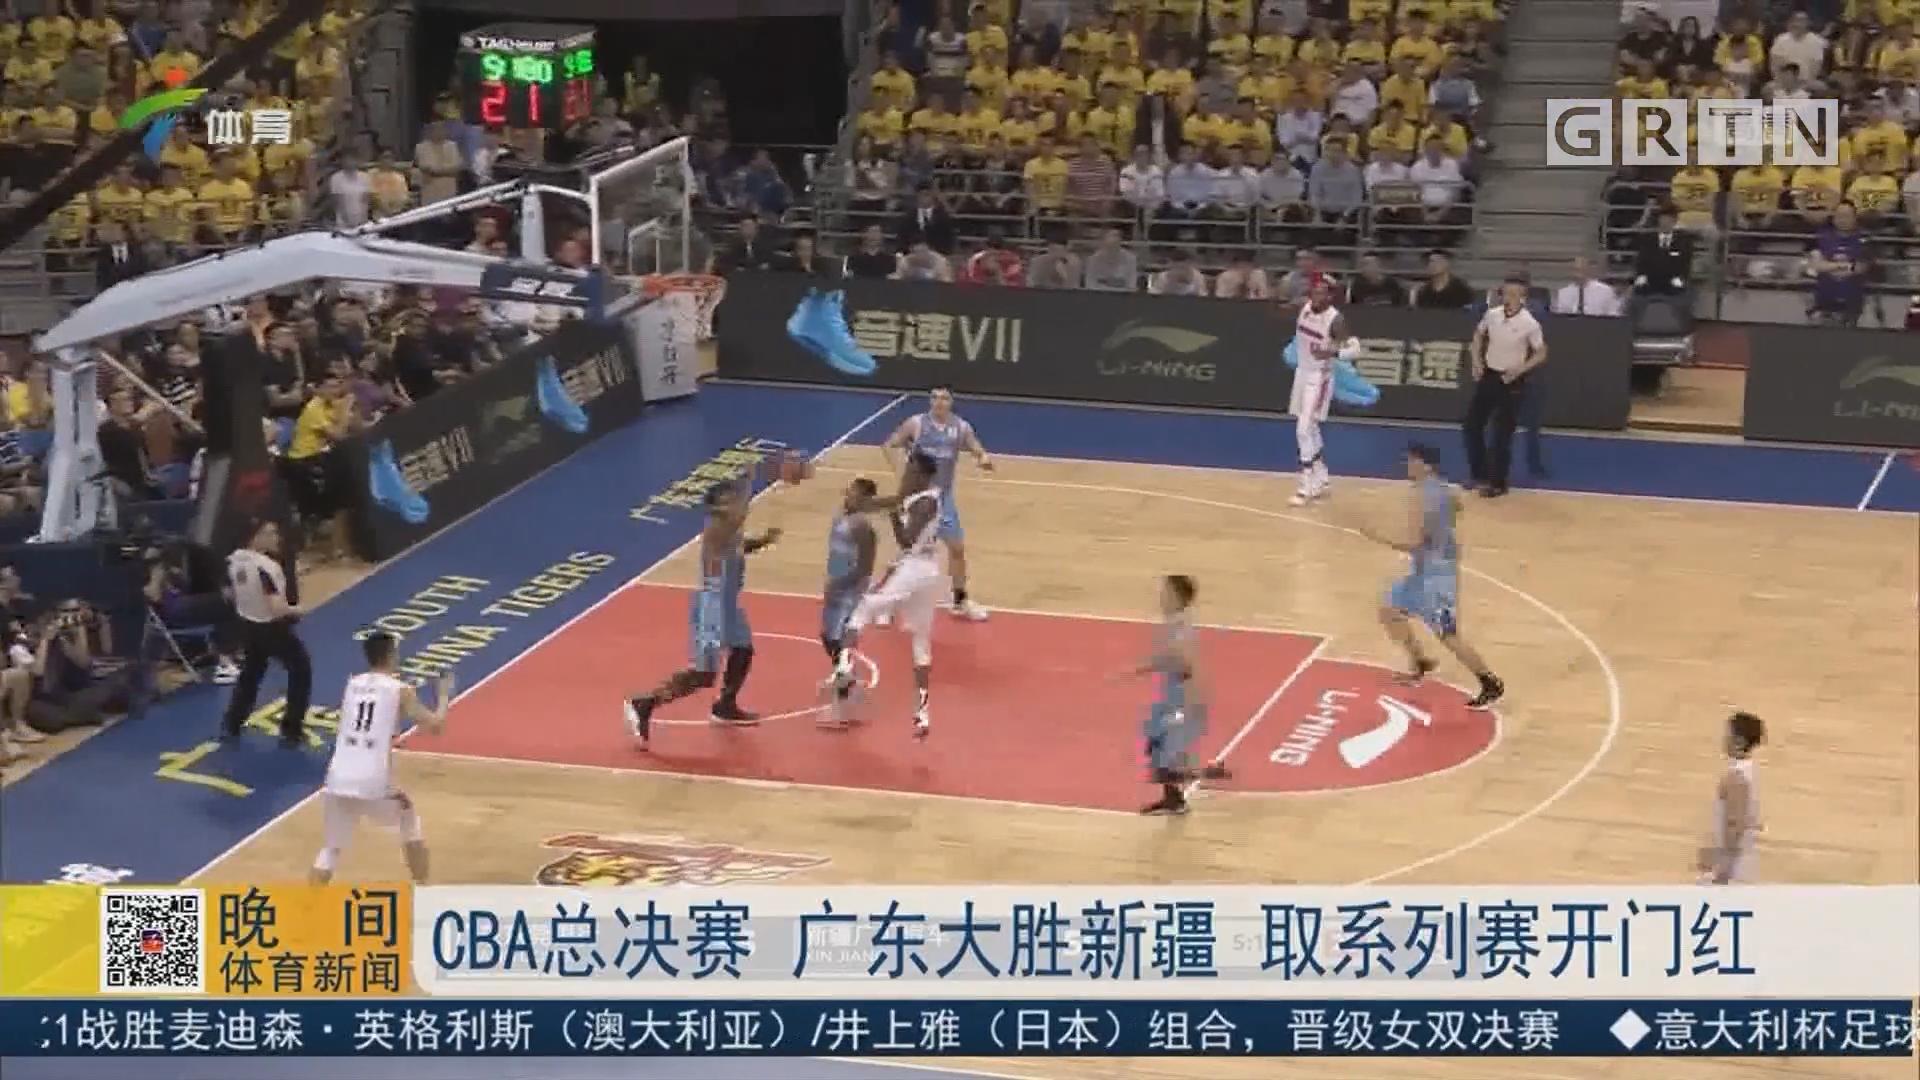 CBA总决赛 广东大胜新疆 取系列赛开门红